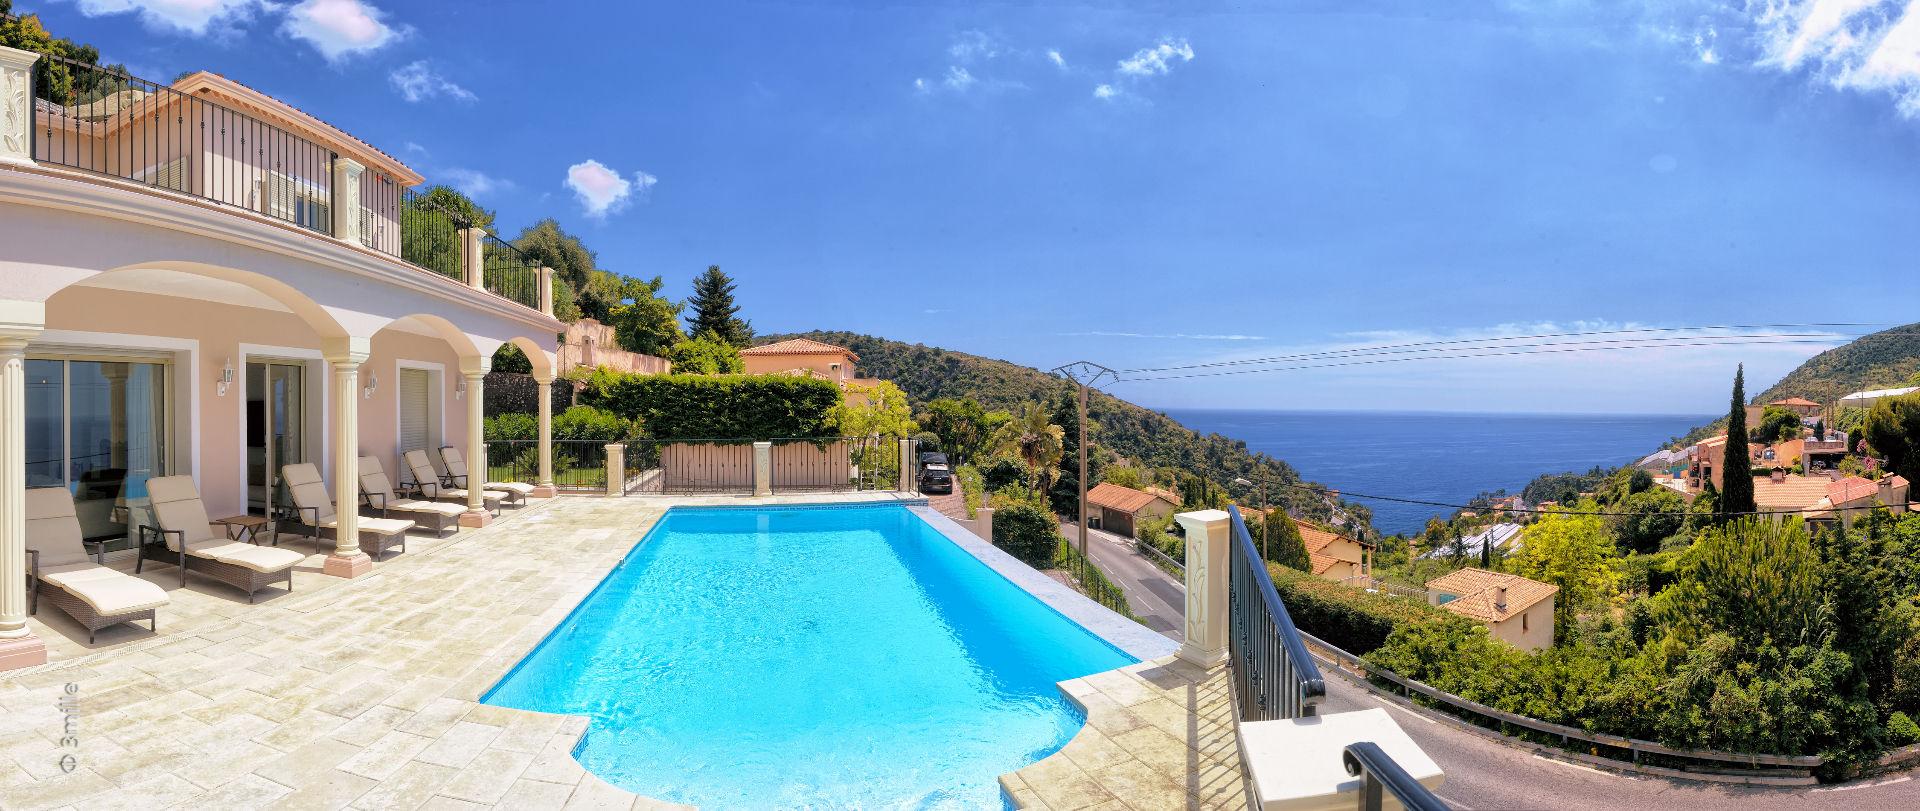 獨棟家庭住宅 為 出售 在 Provencal style villa - sea views Eze Eze, 普羅旺斯阿爾卑斯藍色海岸 06360 法國